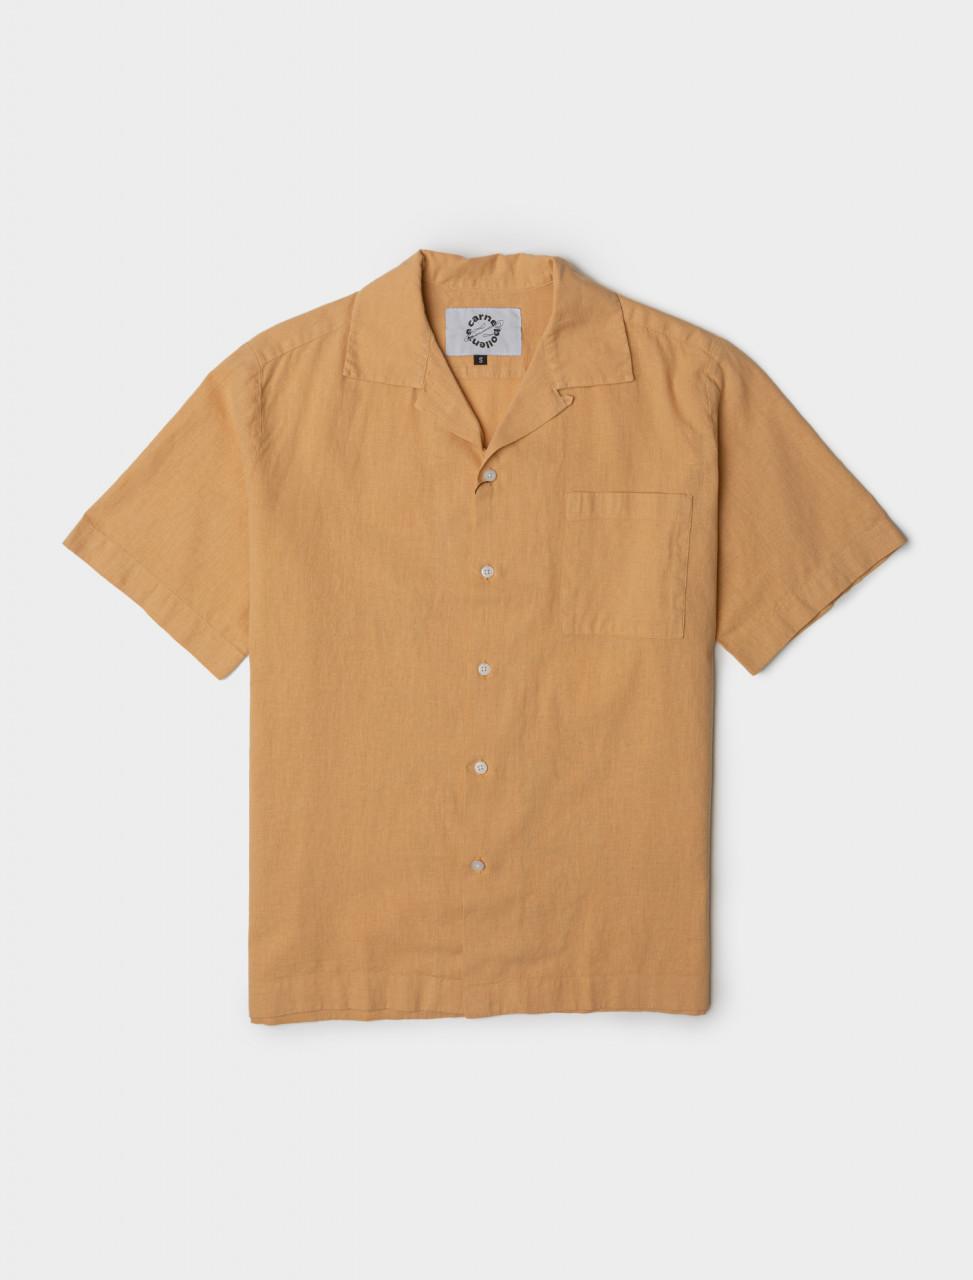 Le Bouquet du Desir Shirt